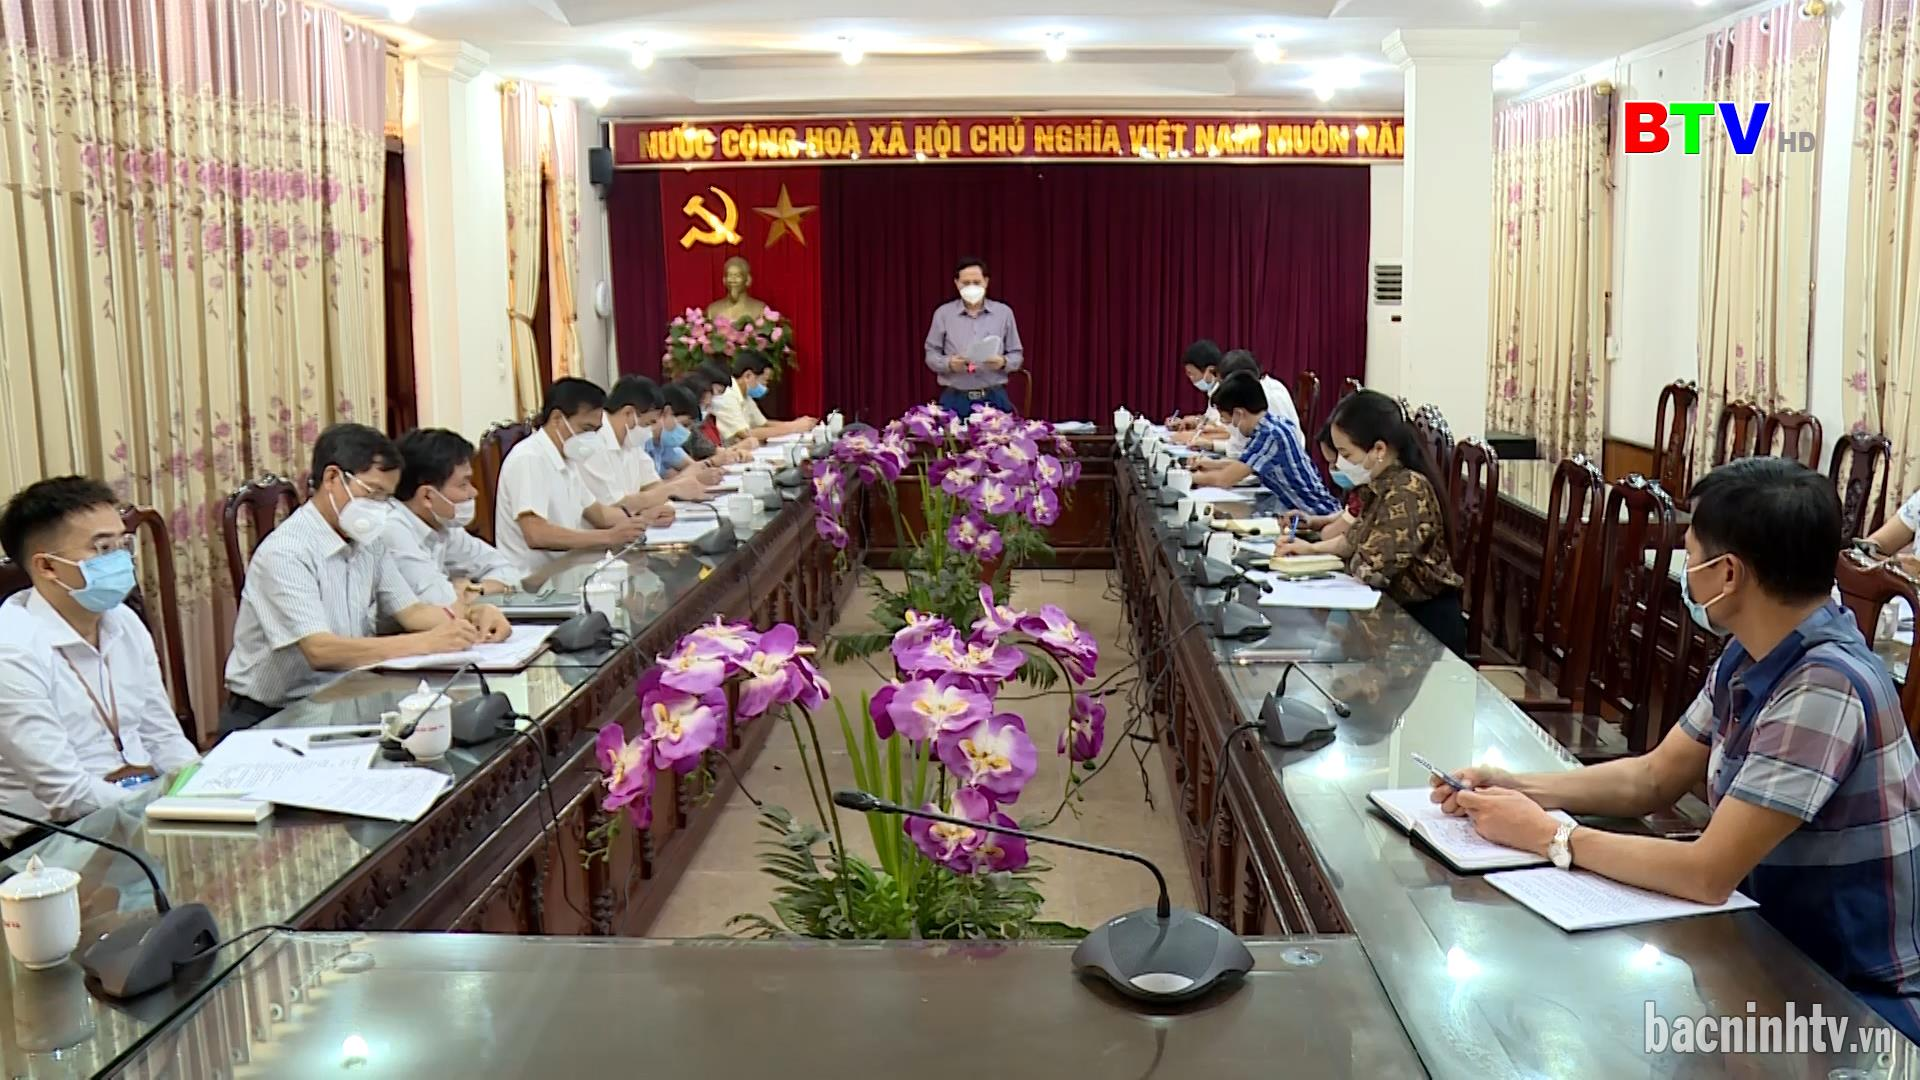 HĐND tỉnh giám sát công tác chỉ đạo thực hiện nhiệm vụ giáo dục và đào tạo